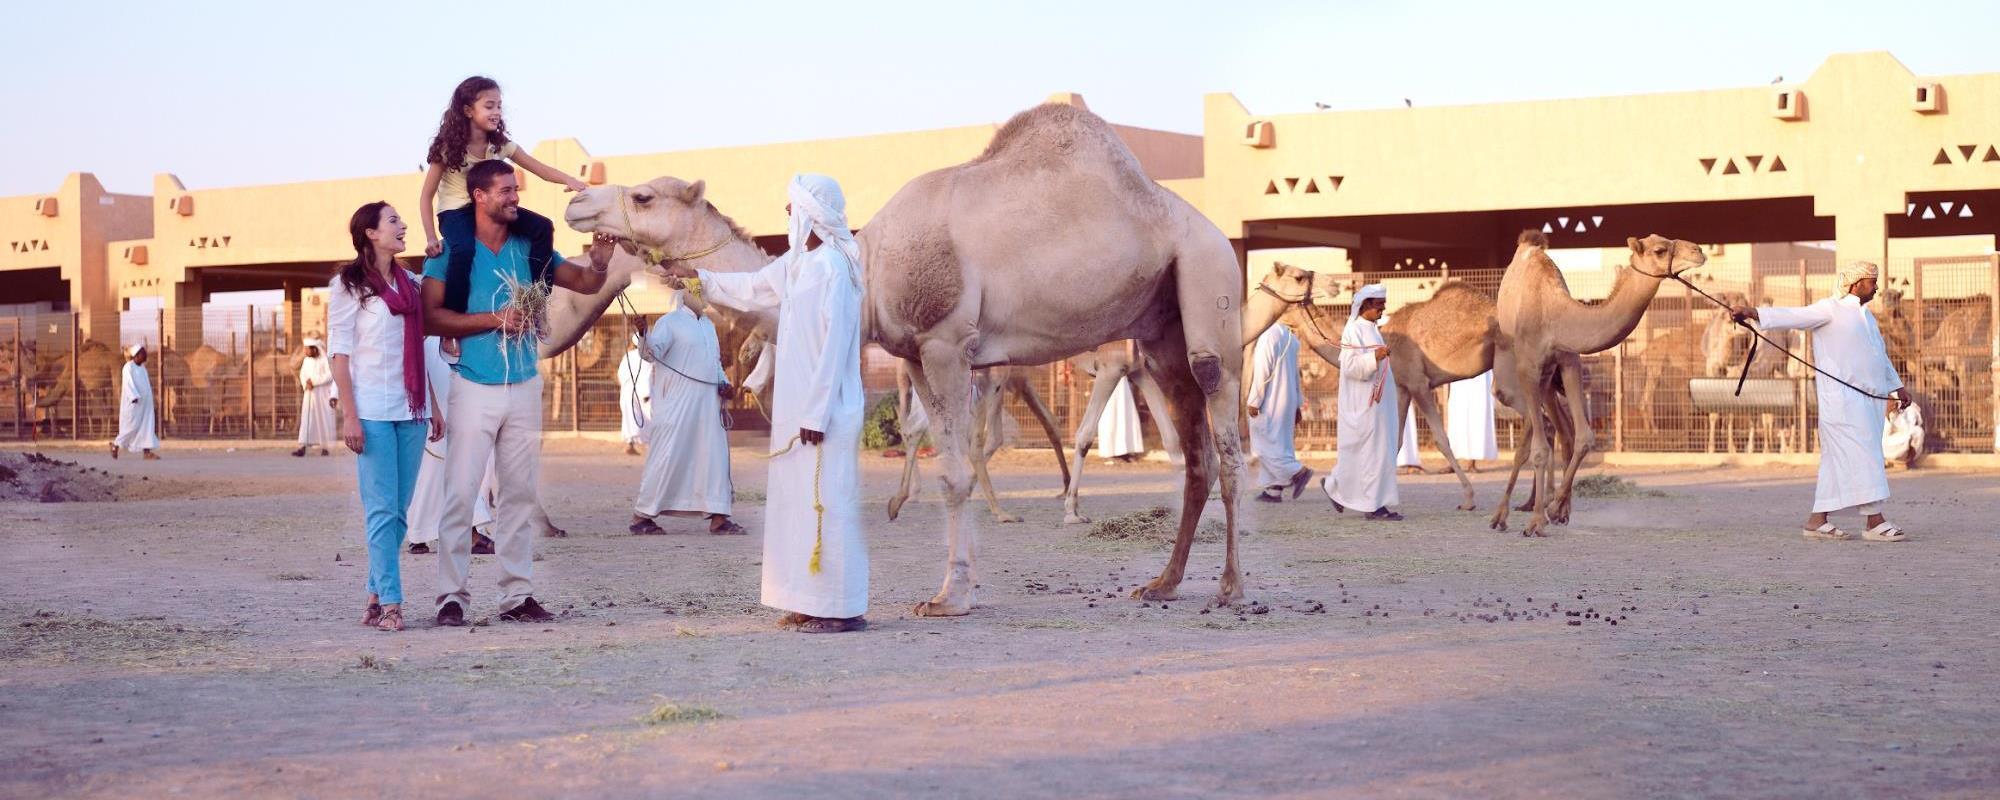 Afbeeldingsresultaat voor jebel hafeet camel market